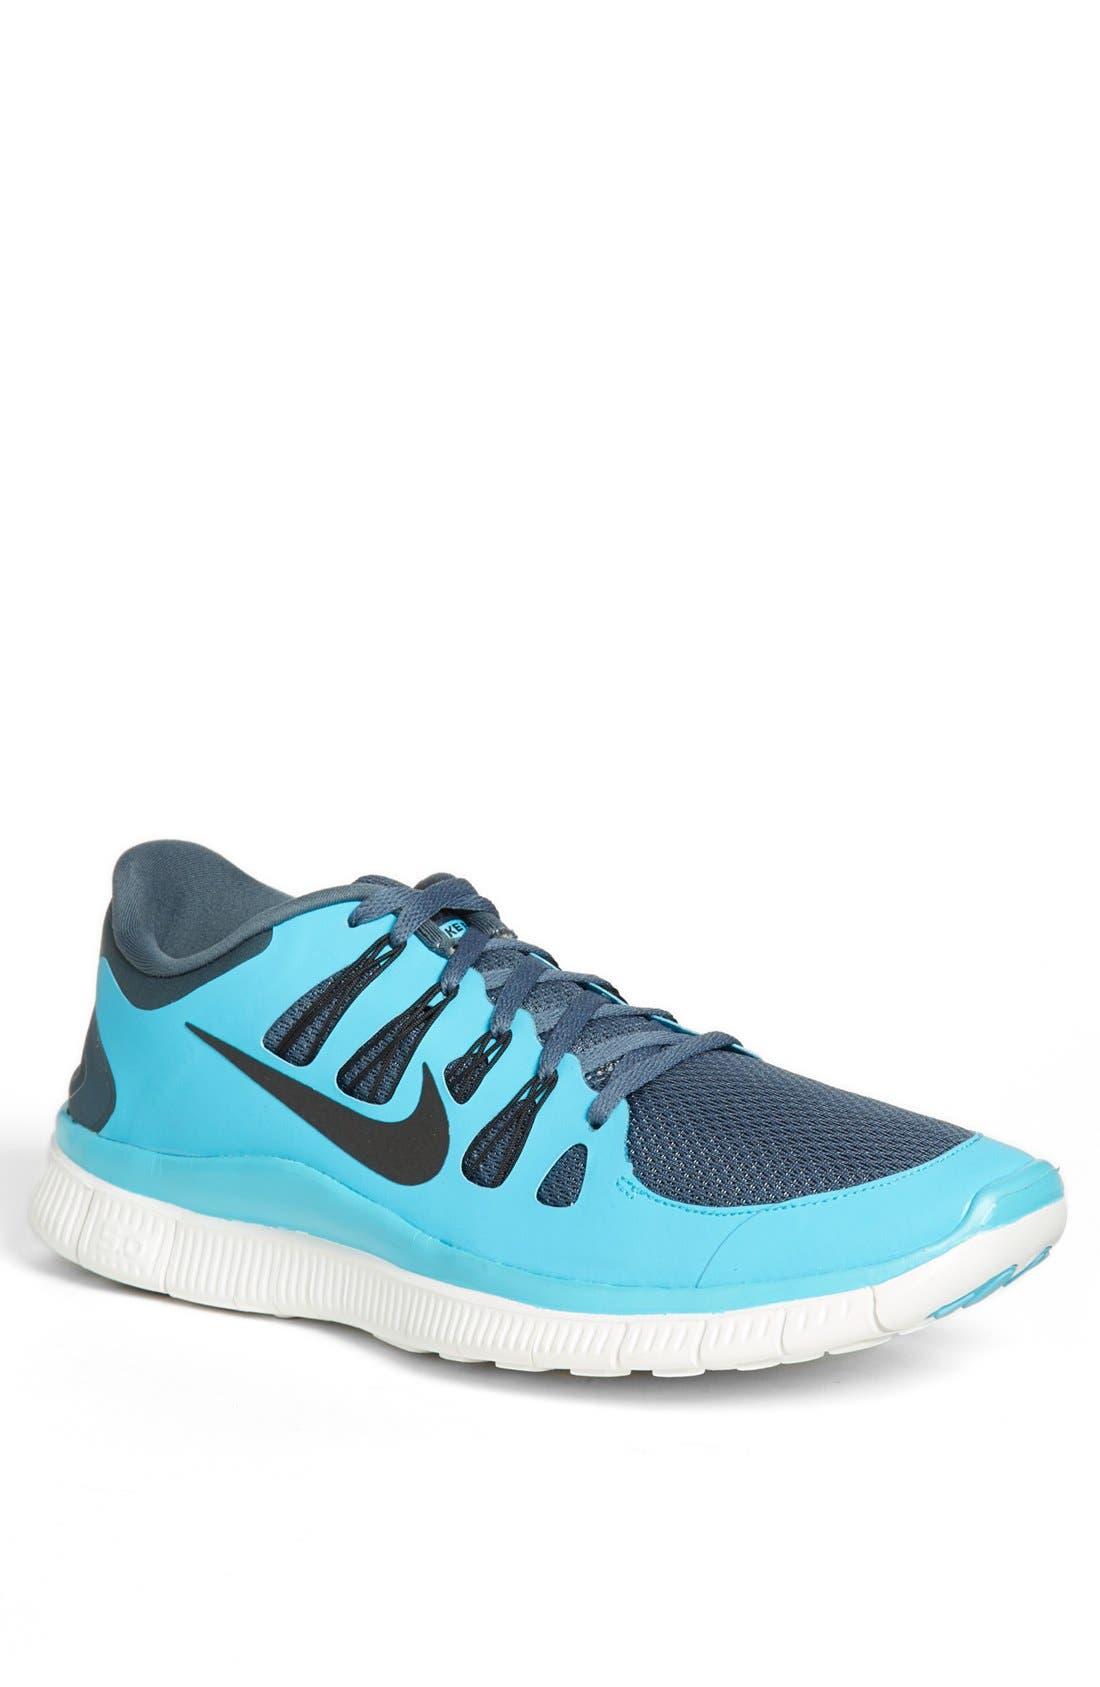 Alternate Image 1 Selected - Nike 'Free 5.0+' Running Shoe (Men)